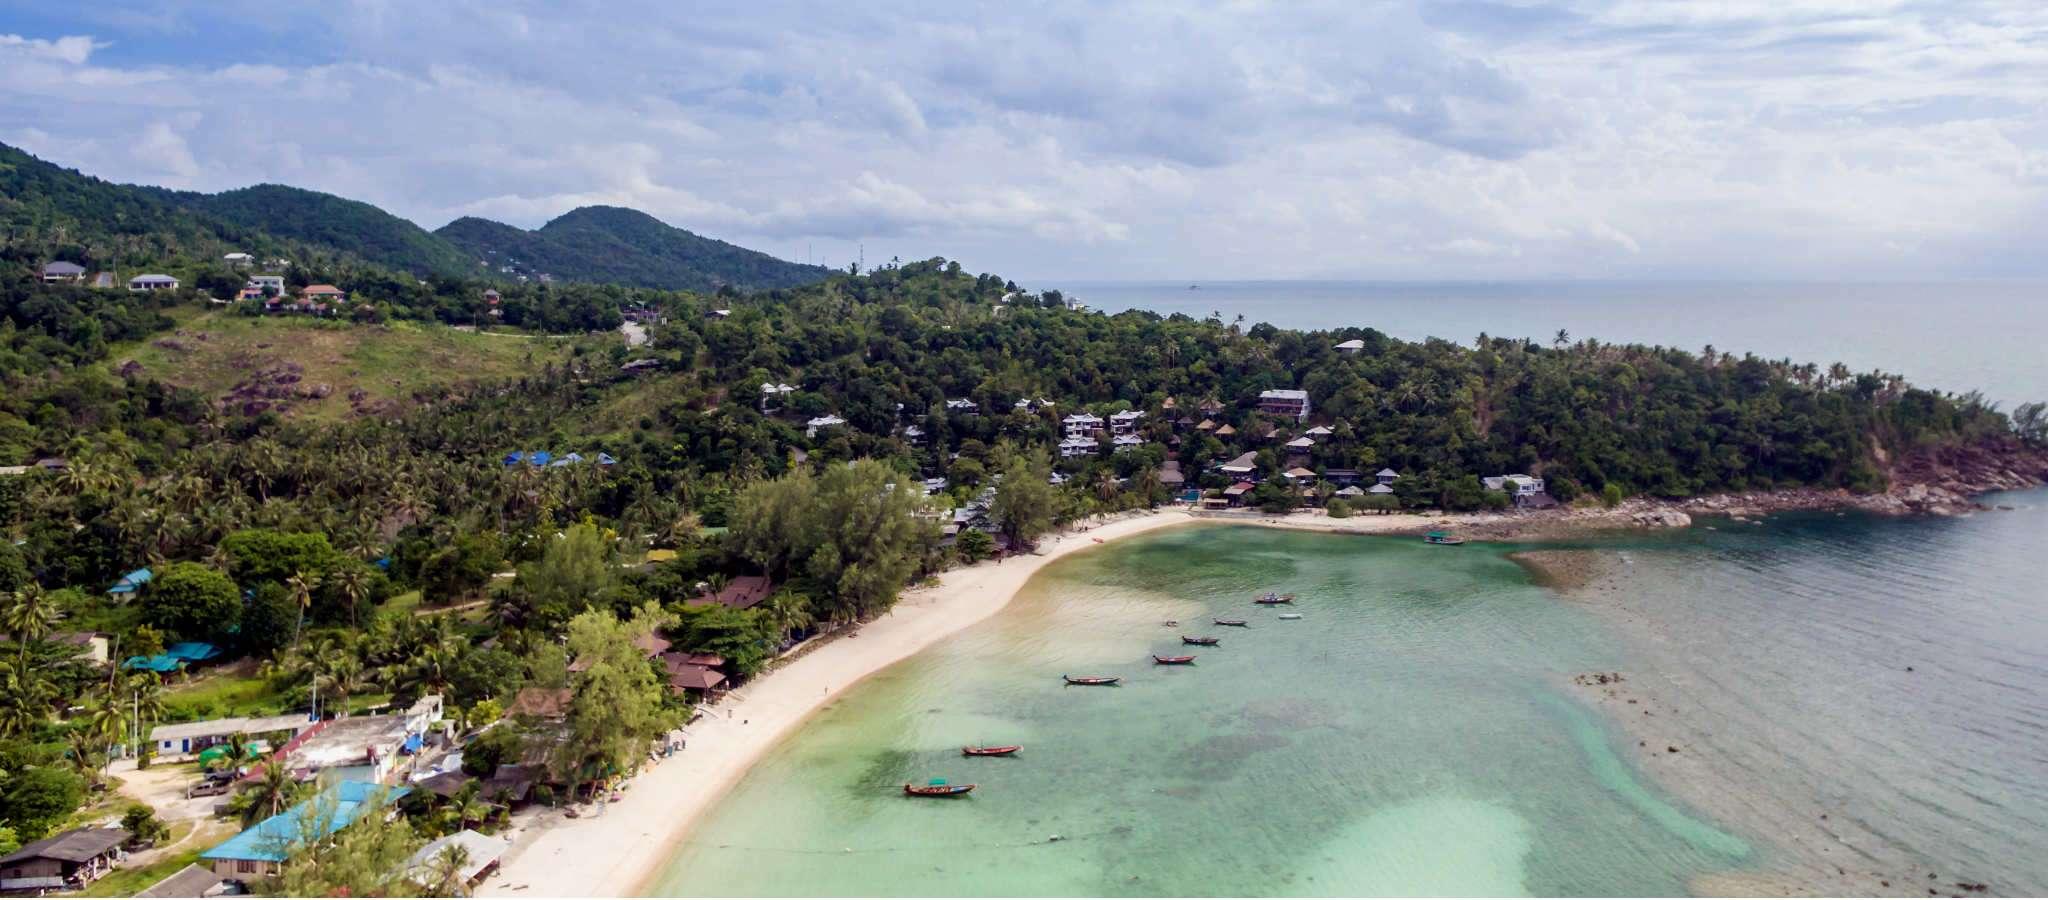 Overzichtfoto met een drone van het strand Haad Salad, op het eiland Koh Phangan in Thailand